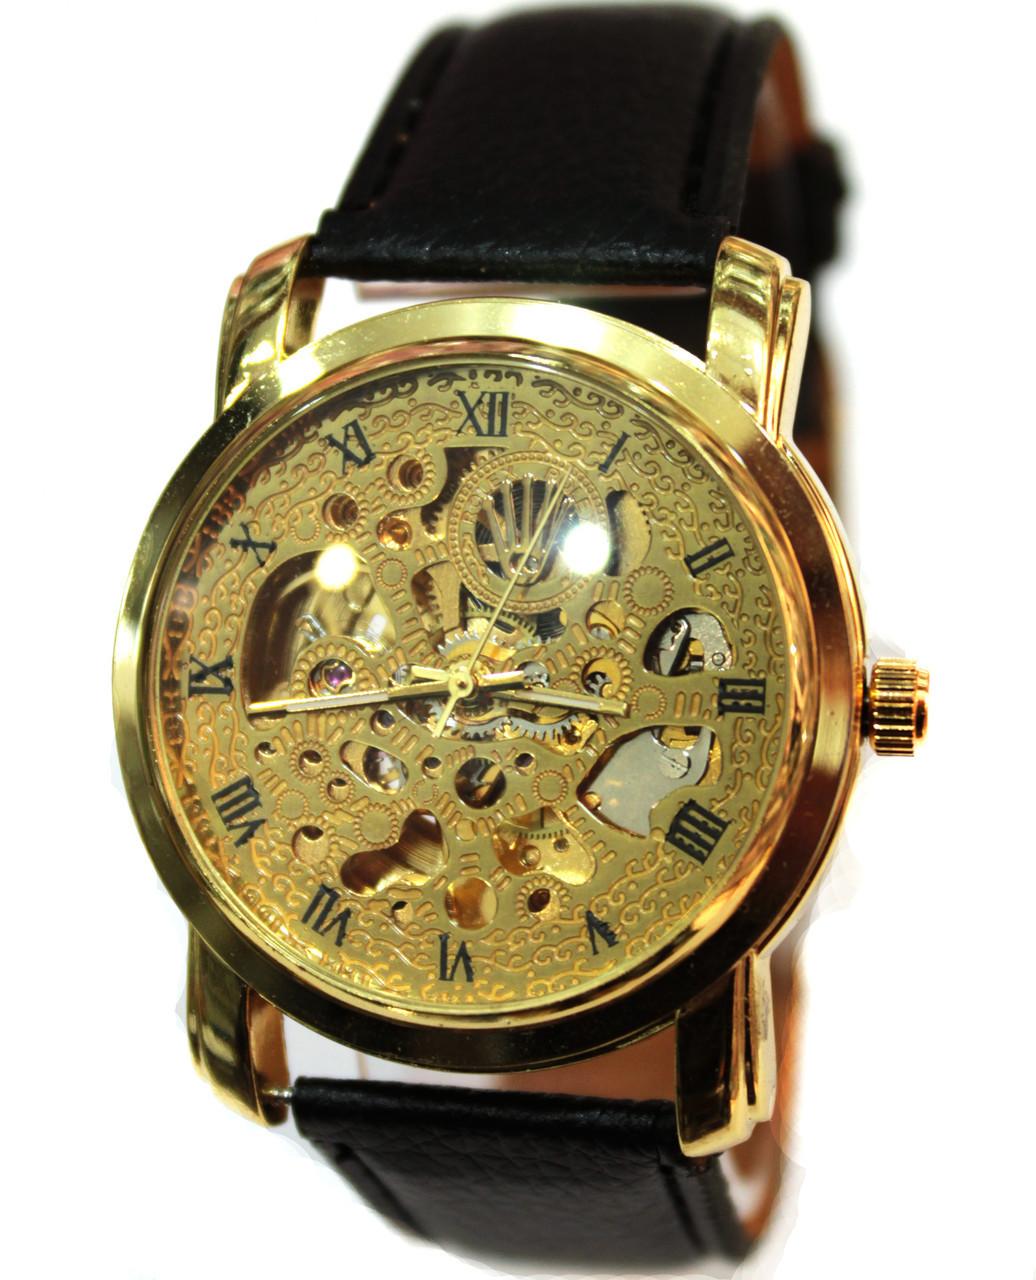 27b523cc3332 Механические часы с автоподзаводом Rolex - OptMan - самые низкие цены в  Украине в Харькове